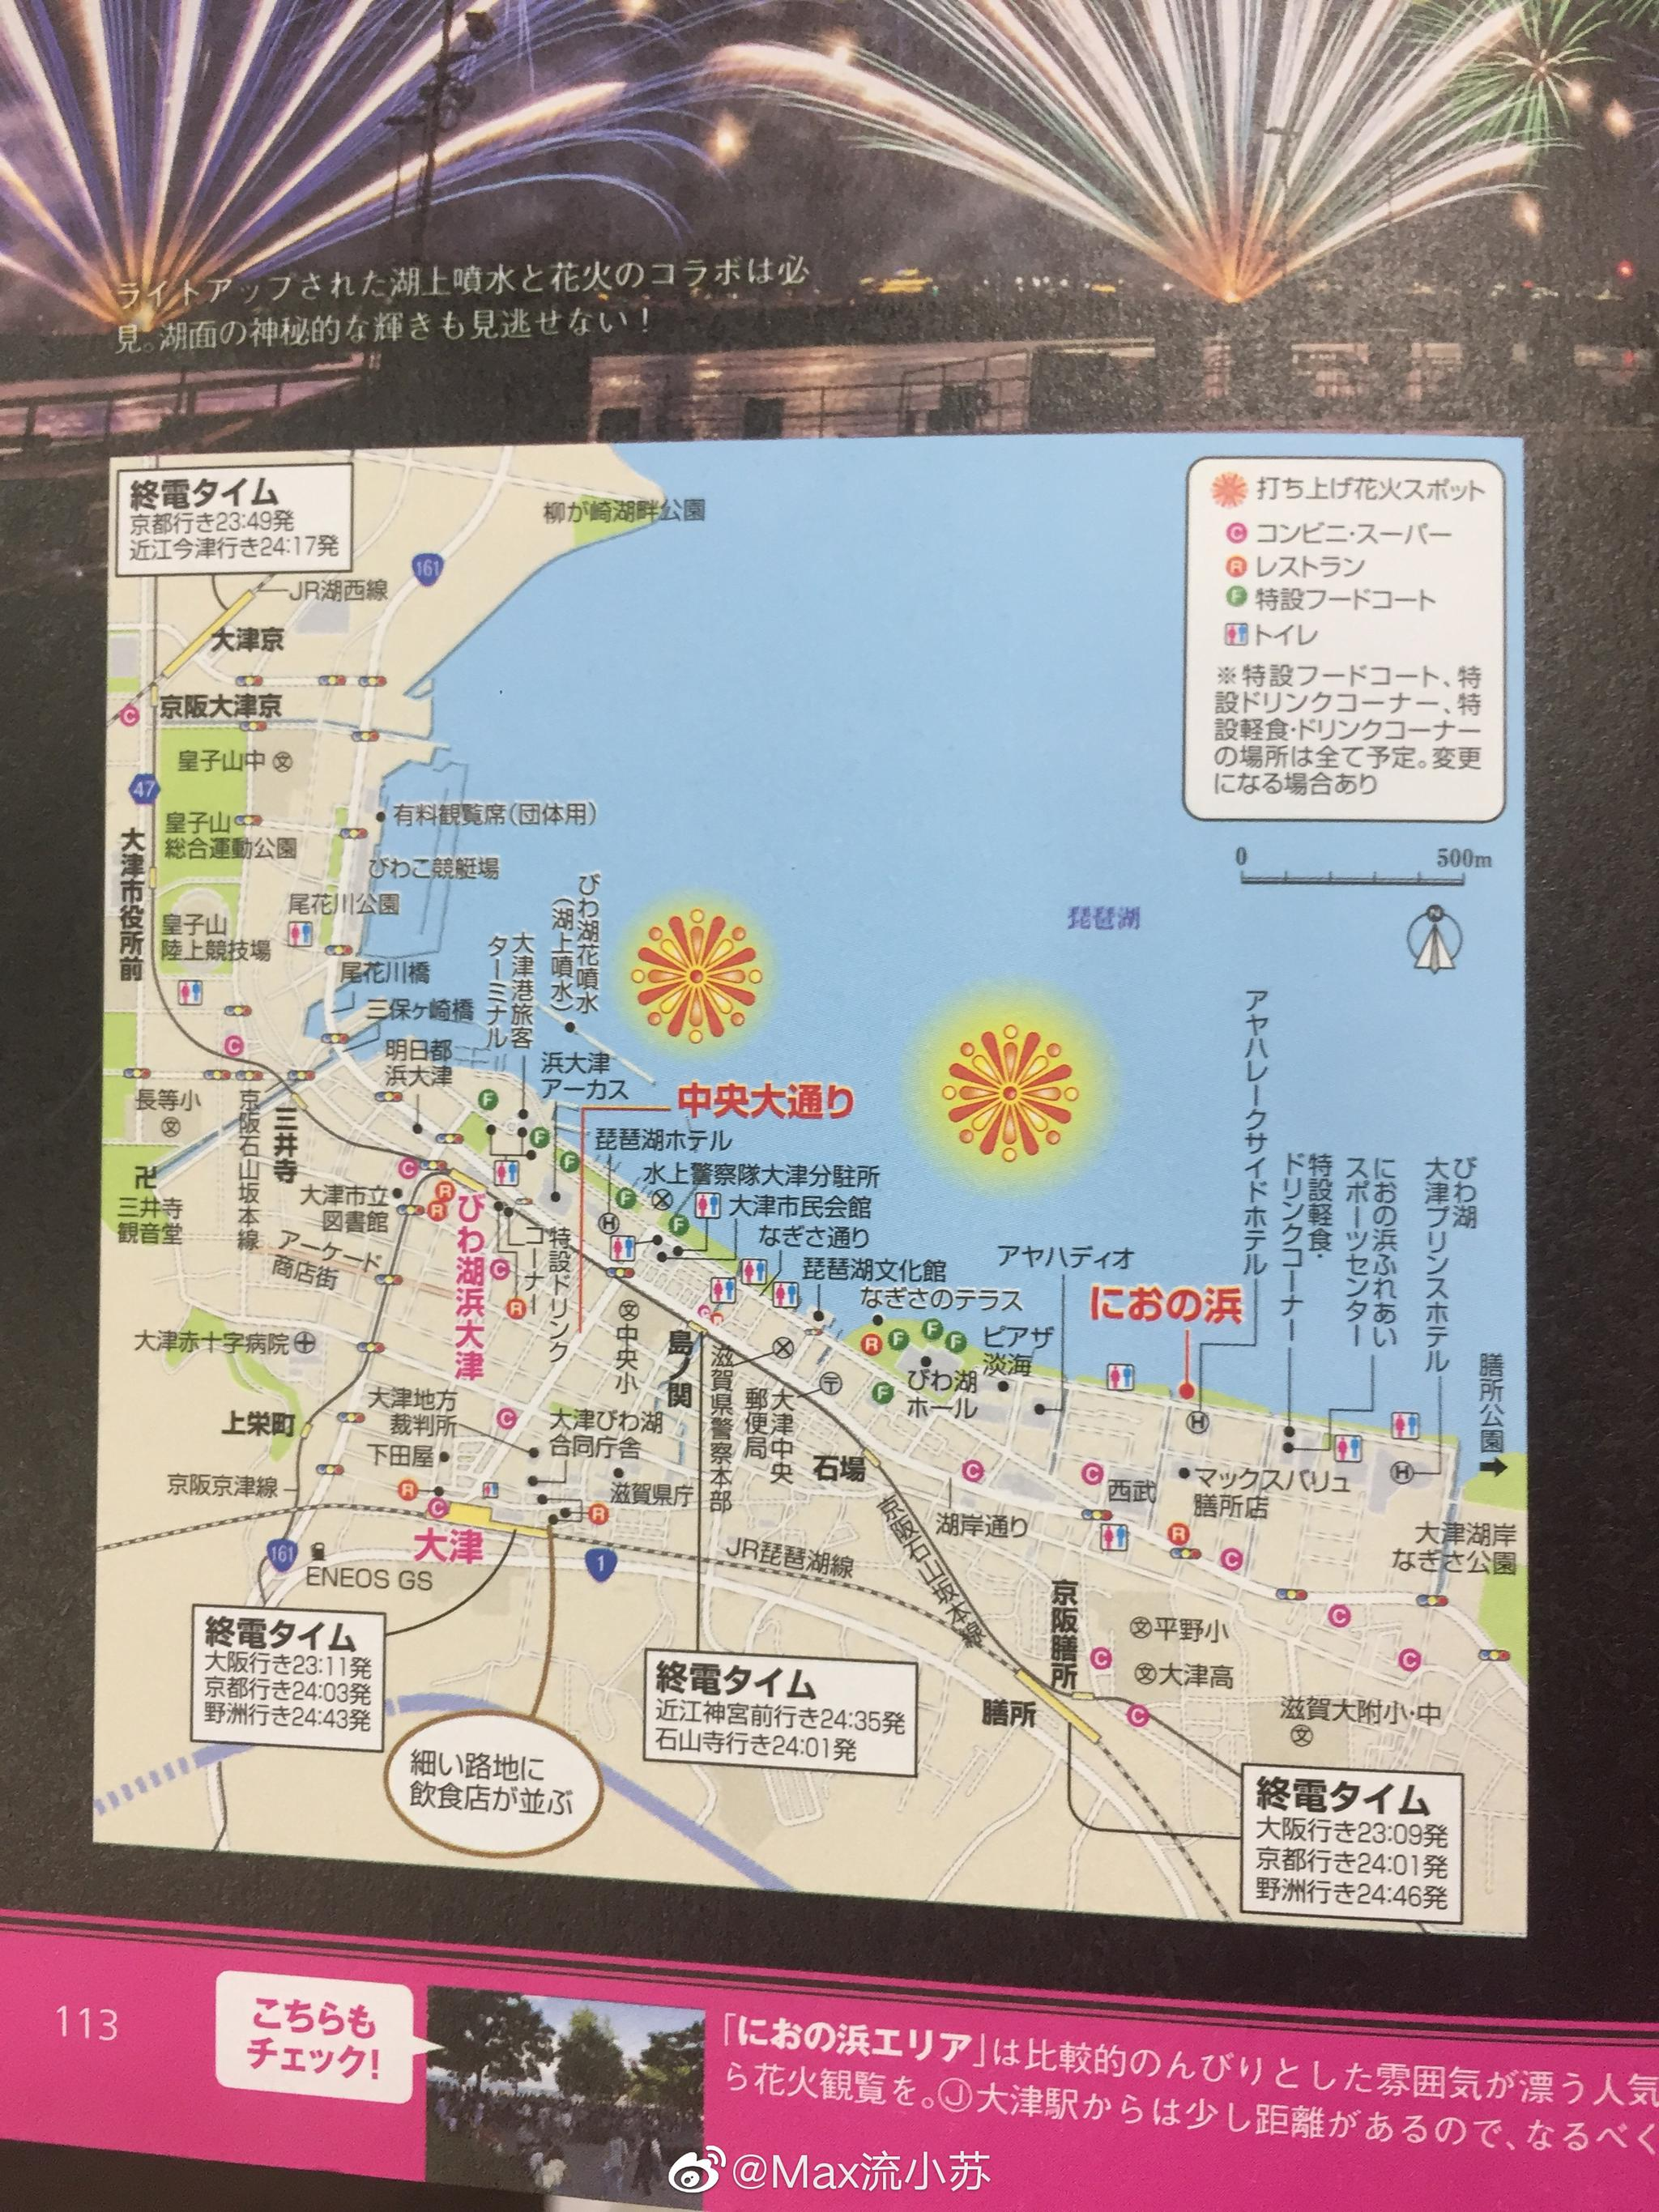 花火 2020 琵琶湖 大会